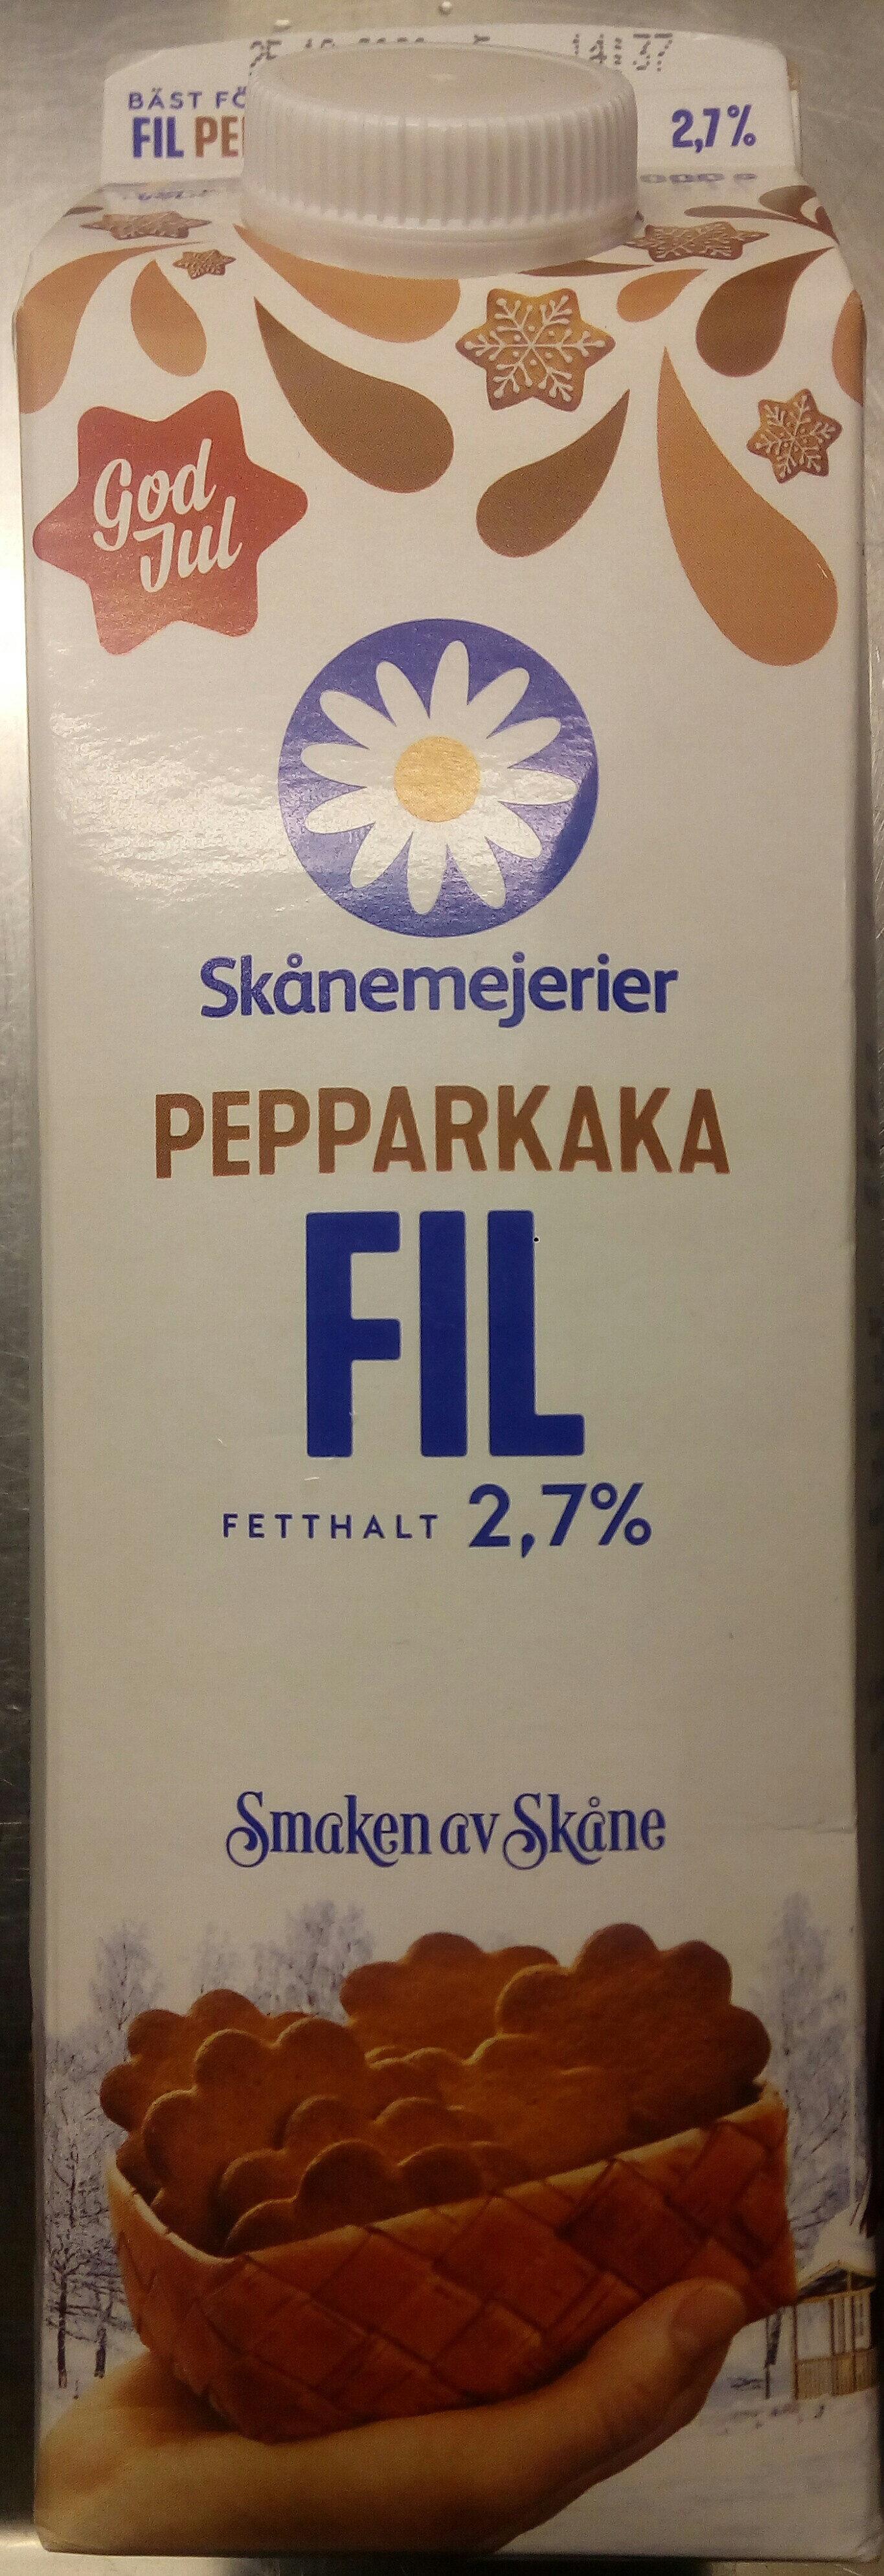 Skånemejerier fil pepparkaka - Produit - sv